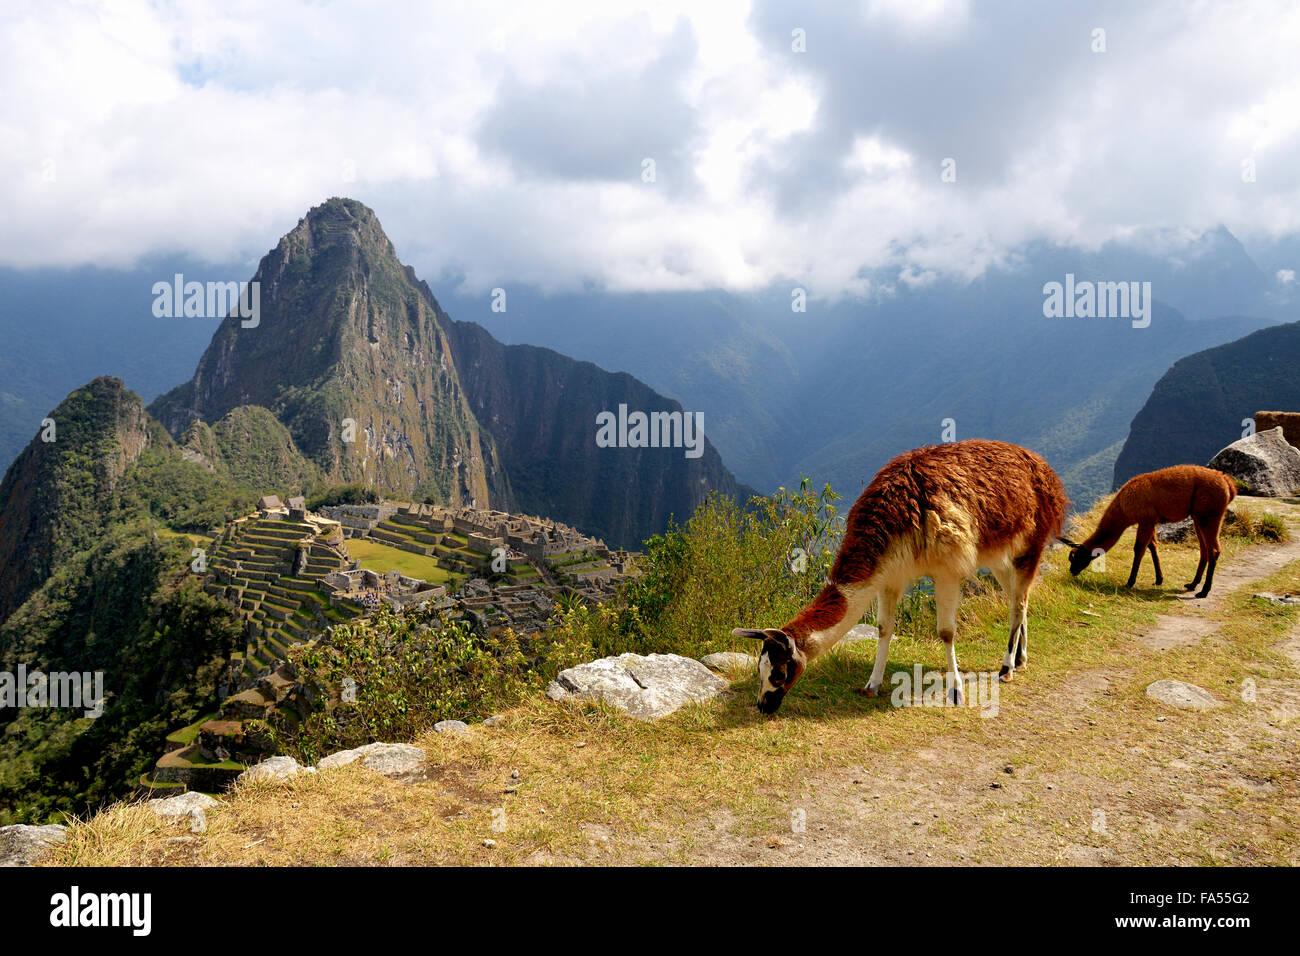 Le lama (Lama glama) avec de jeunes en face de ville détruite, ville Inca de Machu Picchu, Huayna Picchu montagne Photo Stock